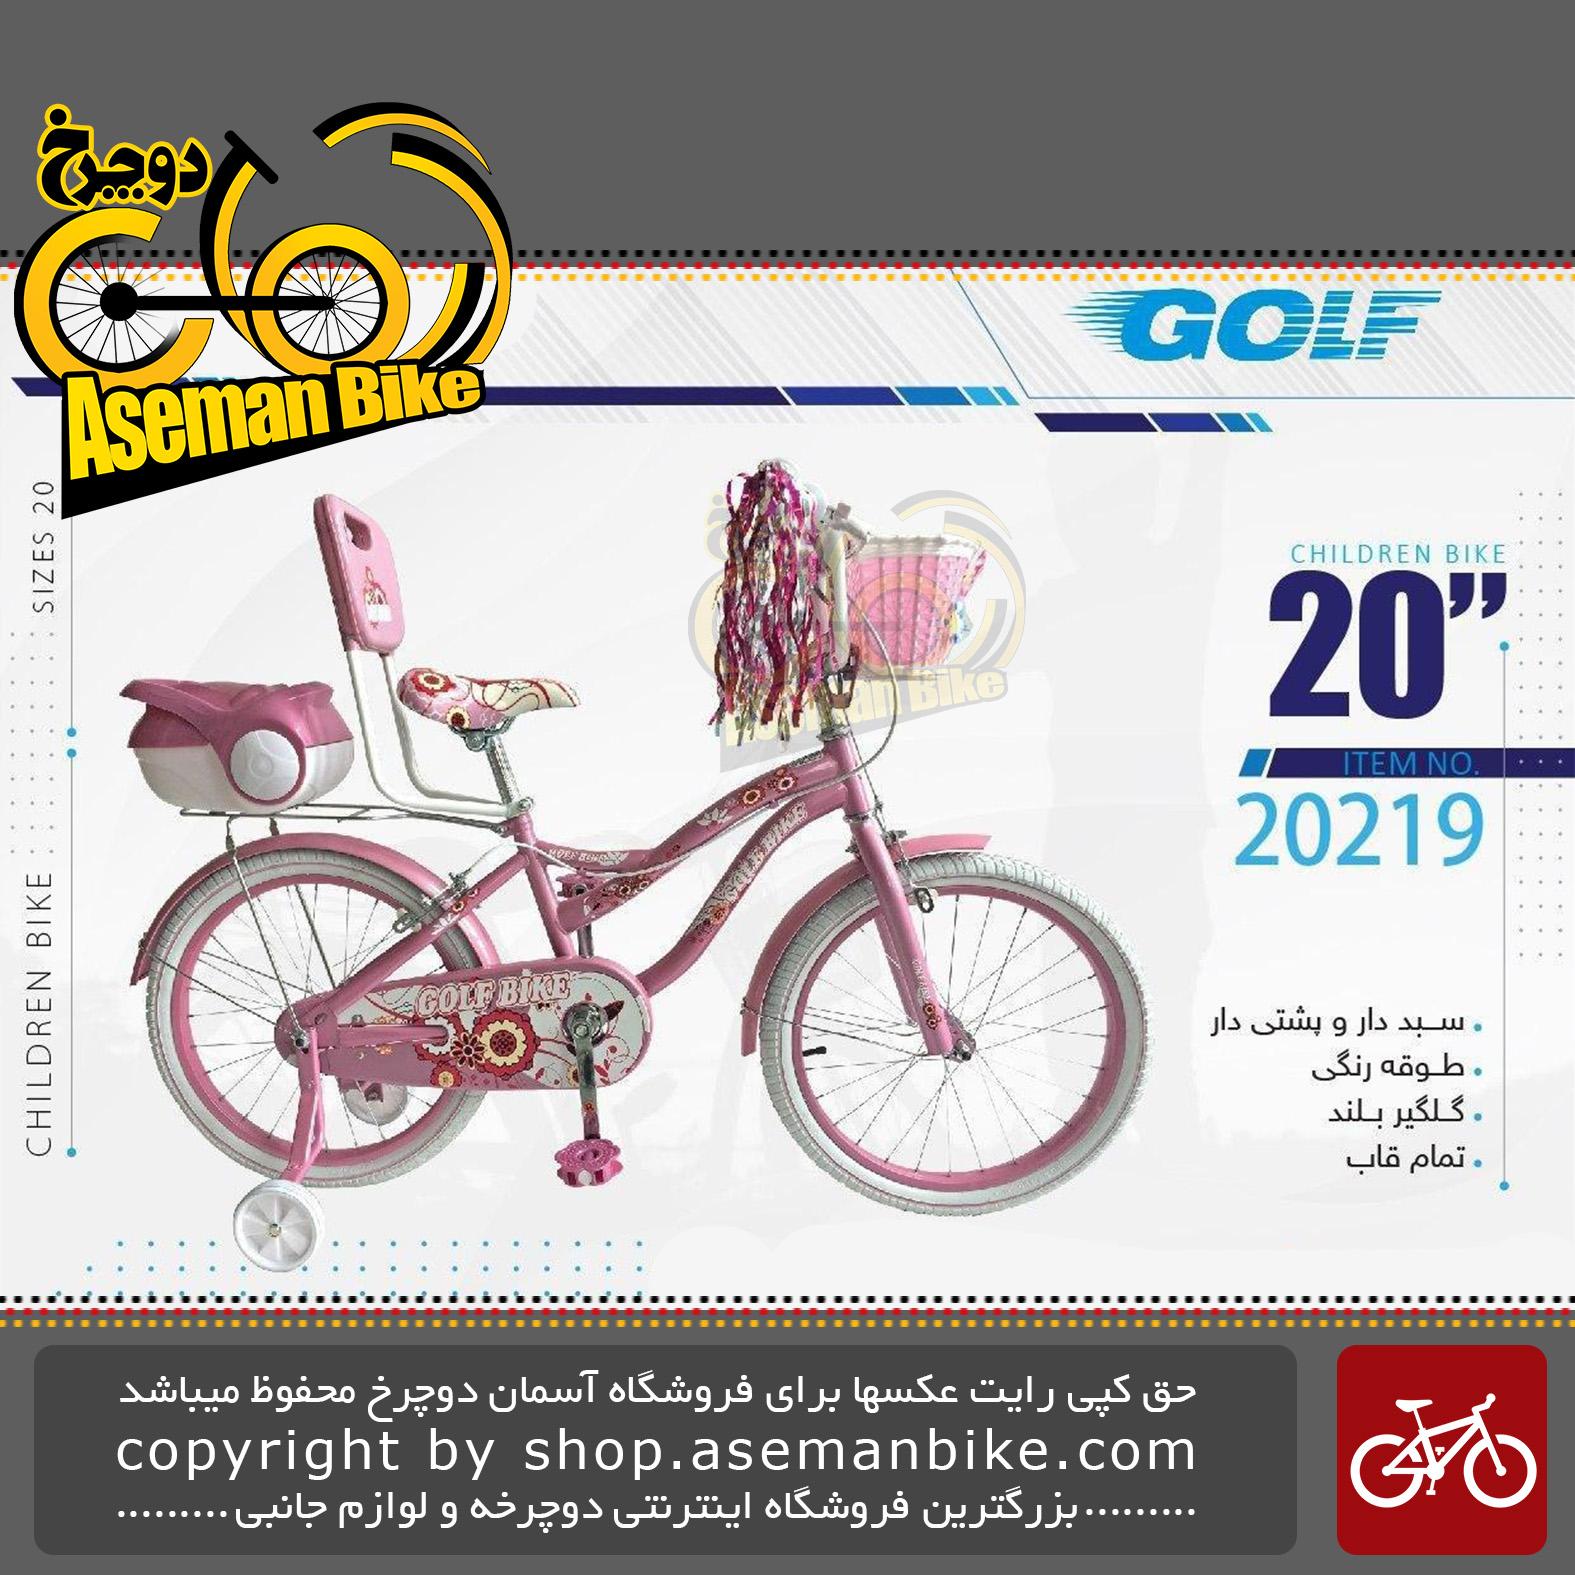 دوچرخه دخترانه بچگانه گلف سایز ۲۰ پشتی دار صندوق دار سبد دار مدل 20219 GOLF Bicycle Children Bike Size 20 Model 20219